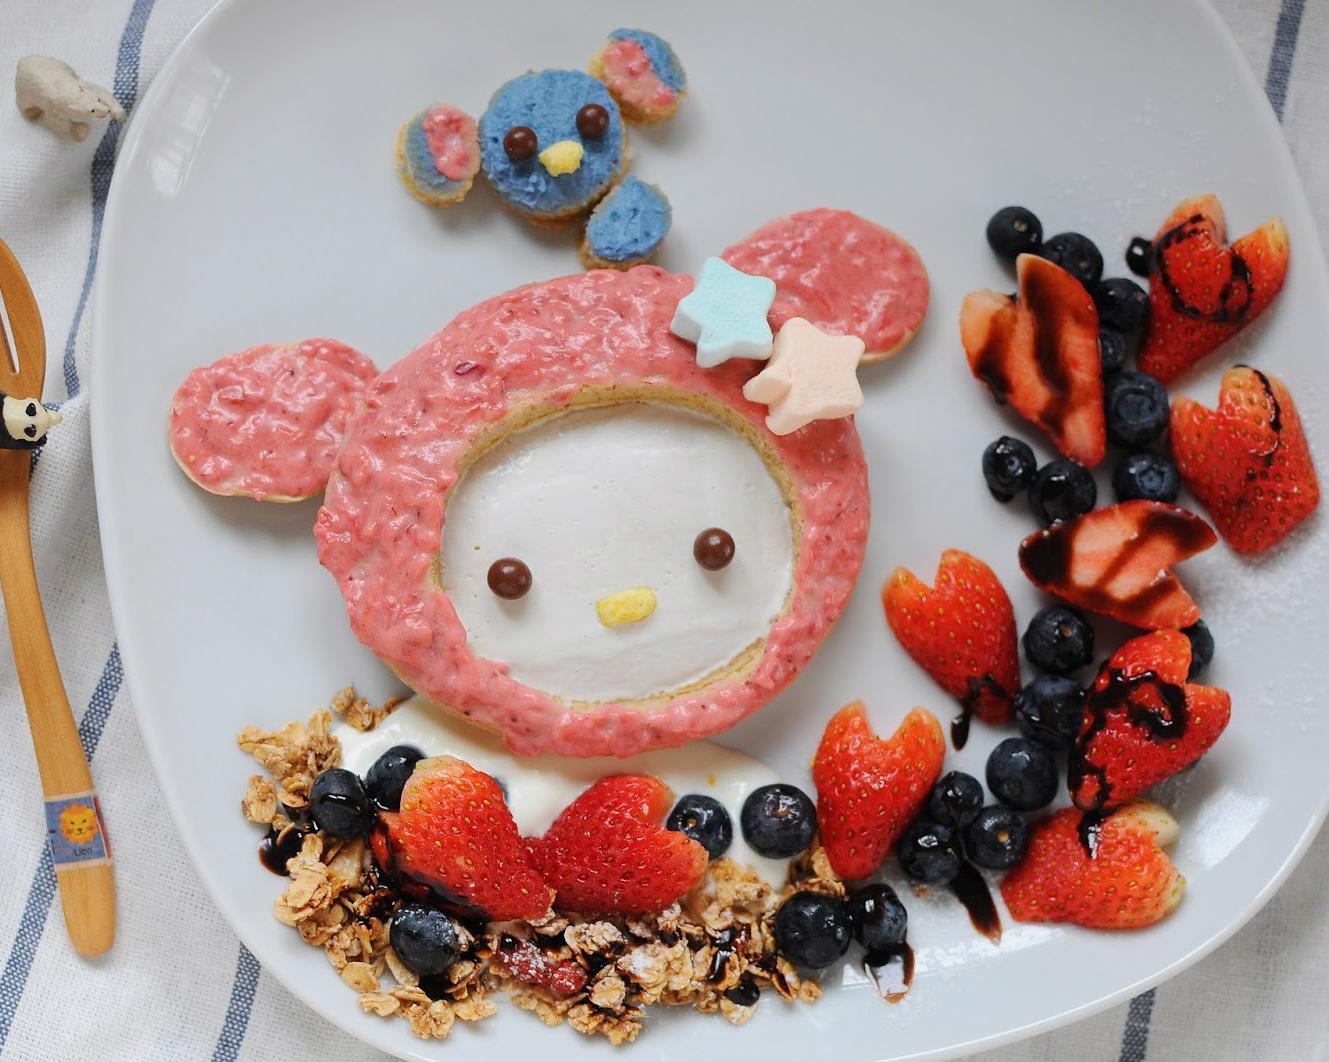 來自童話世界的~粉紅色草莓牛奶抹醬